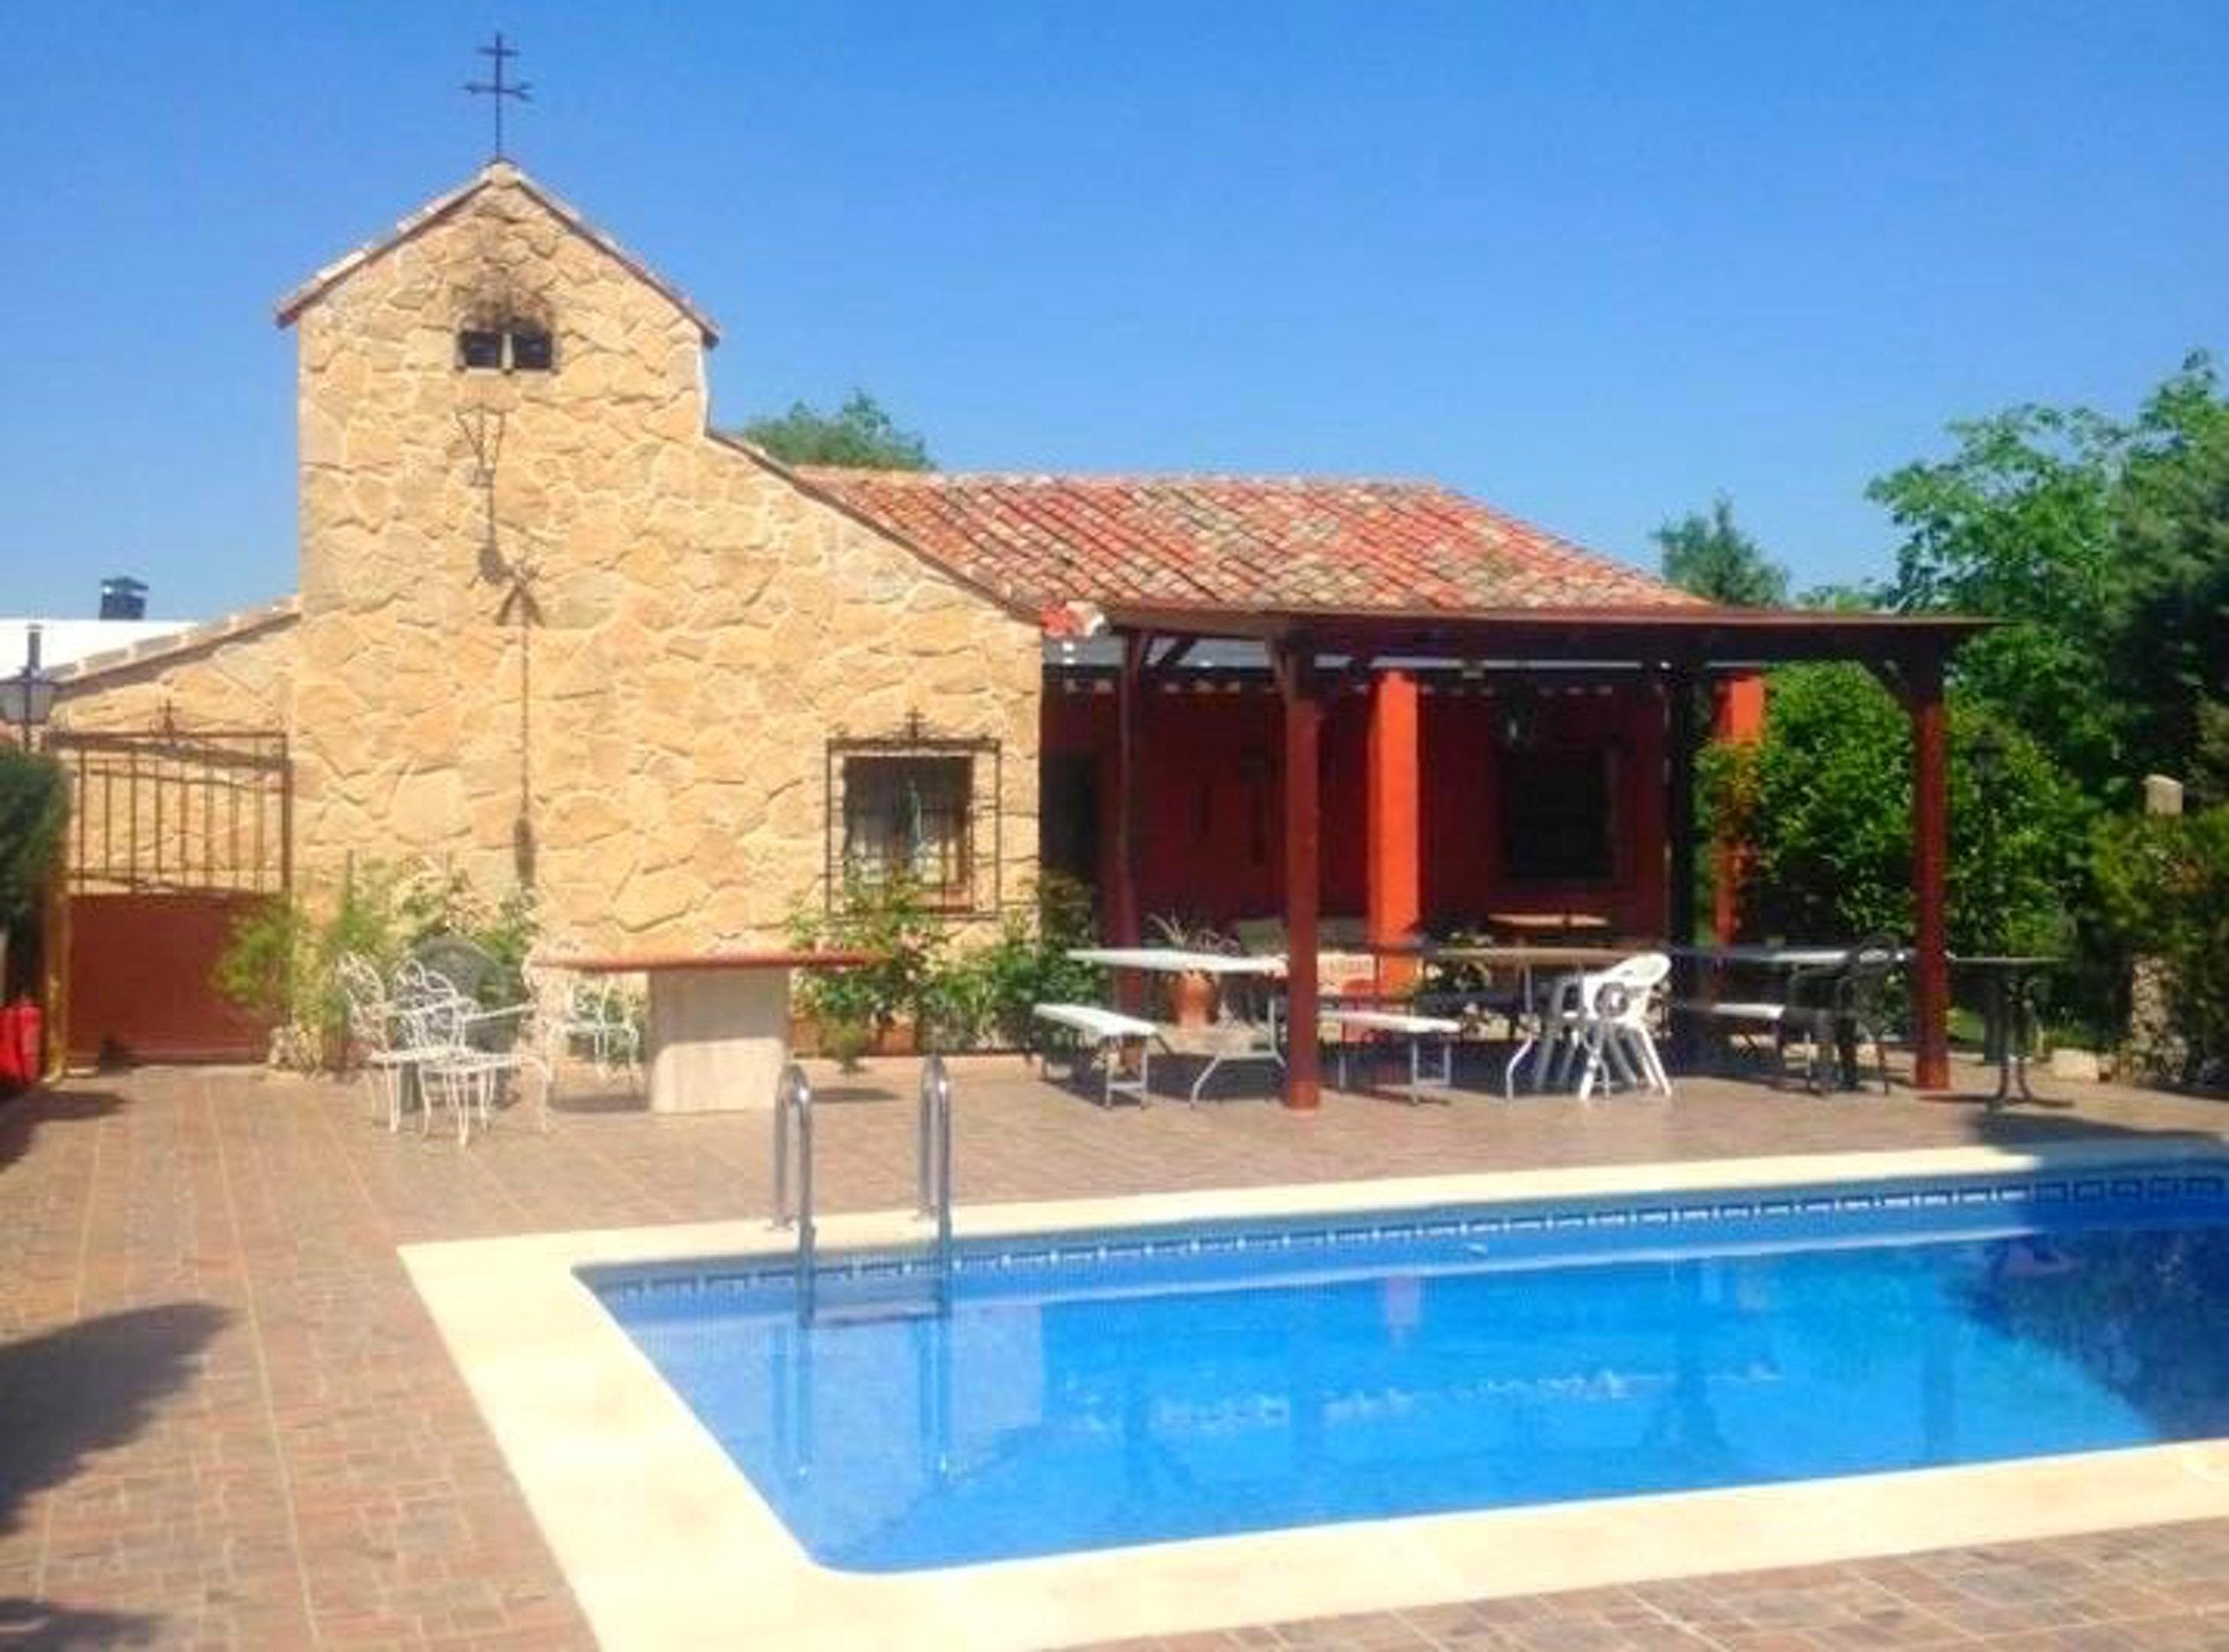 Ferienhaus Haus mit 7 Schlafzimmern in Burguillos de Toledo mit privatem Pool und eingezäuntem Garten (2299203), Burguillos de Toledo, Toledo, Kastilien-La Mancha, Spanien, Bild 1